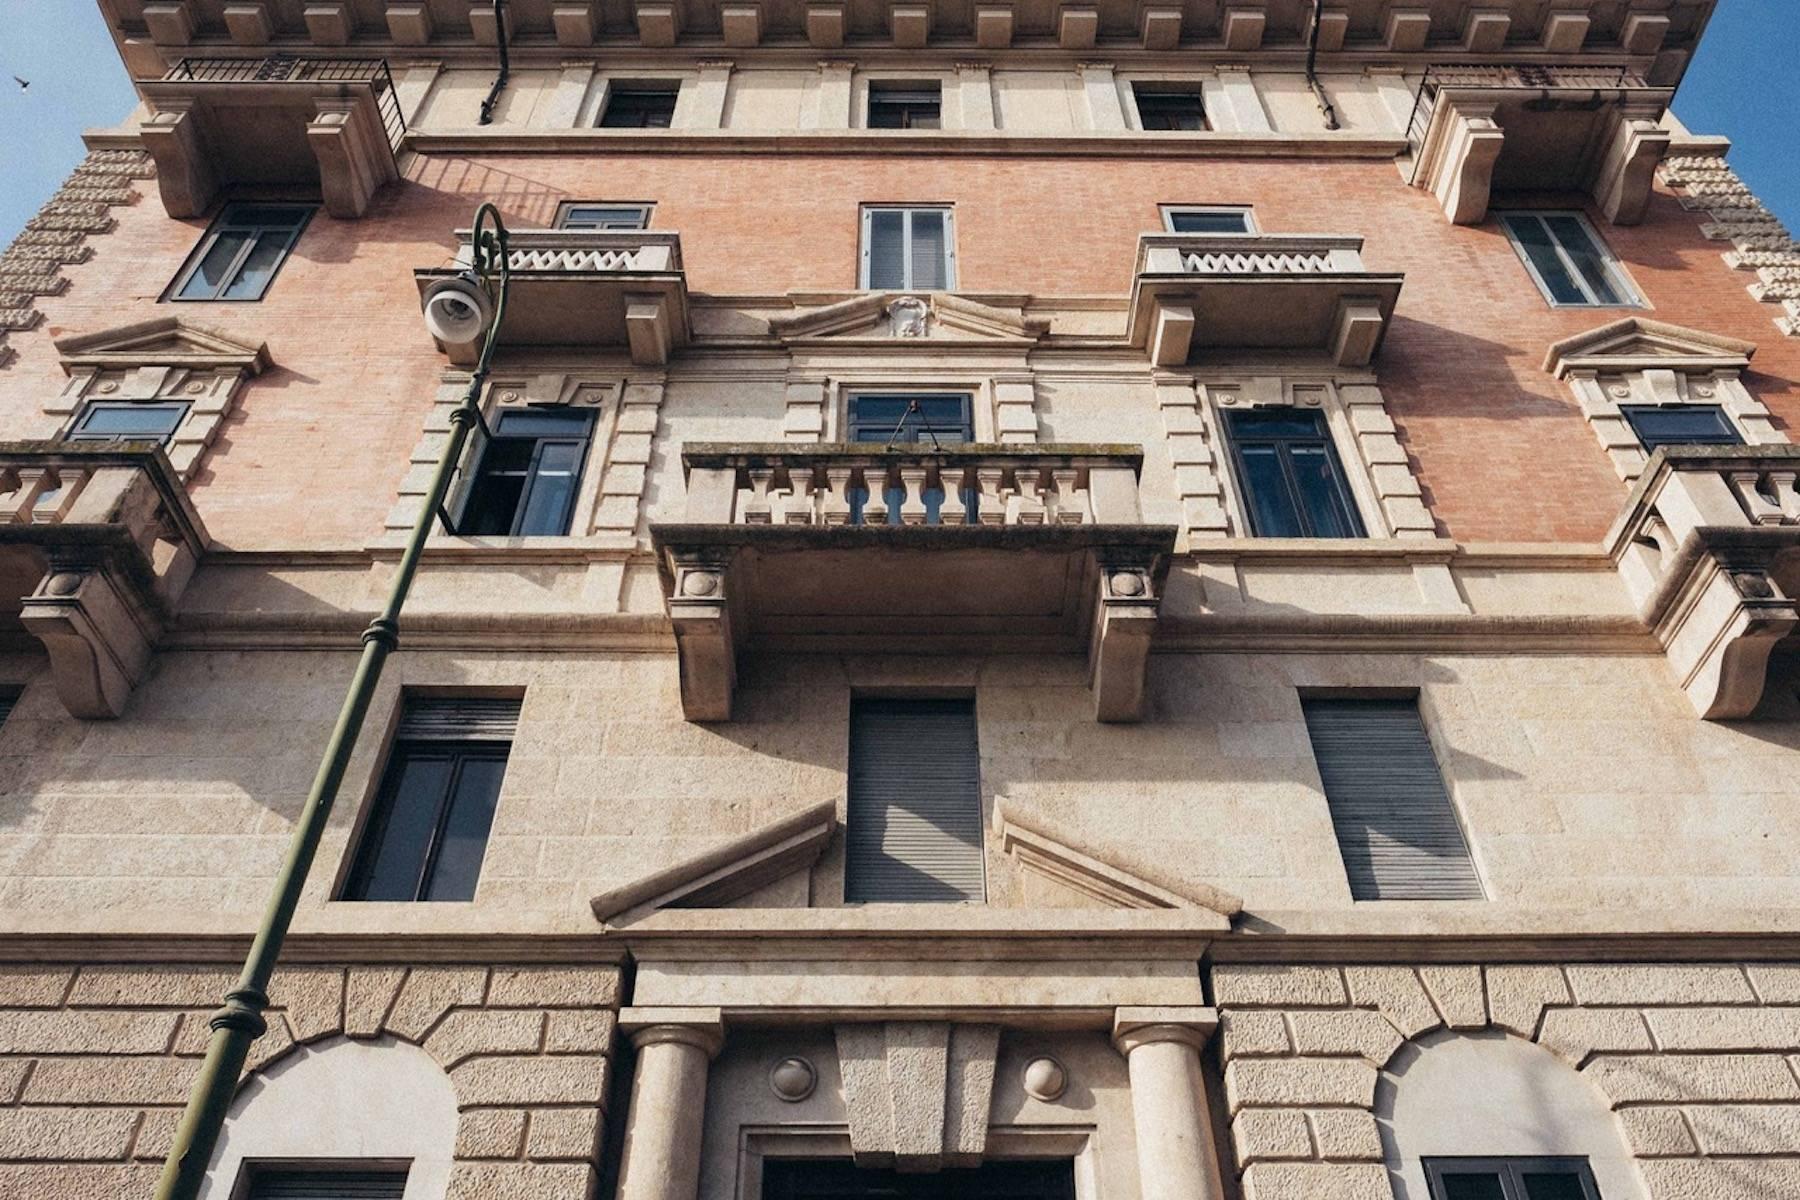 Herrliche Wohnung in einem eleganten historischen Gebäude mit Blick auf den Adige - 10